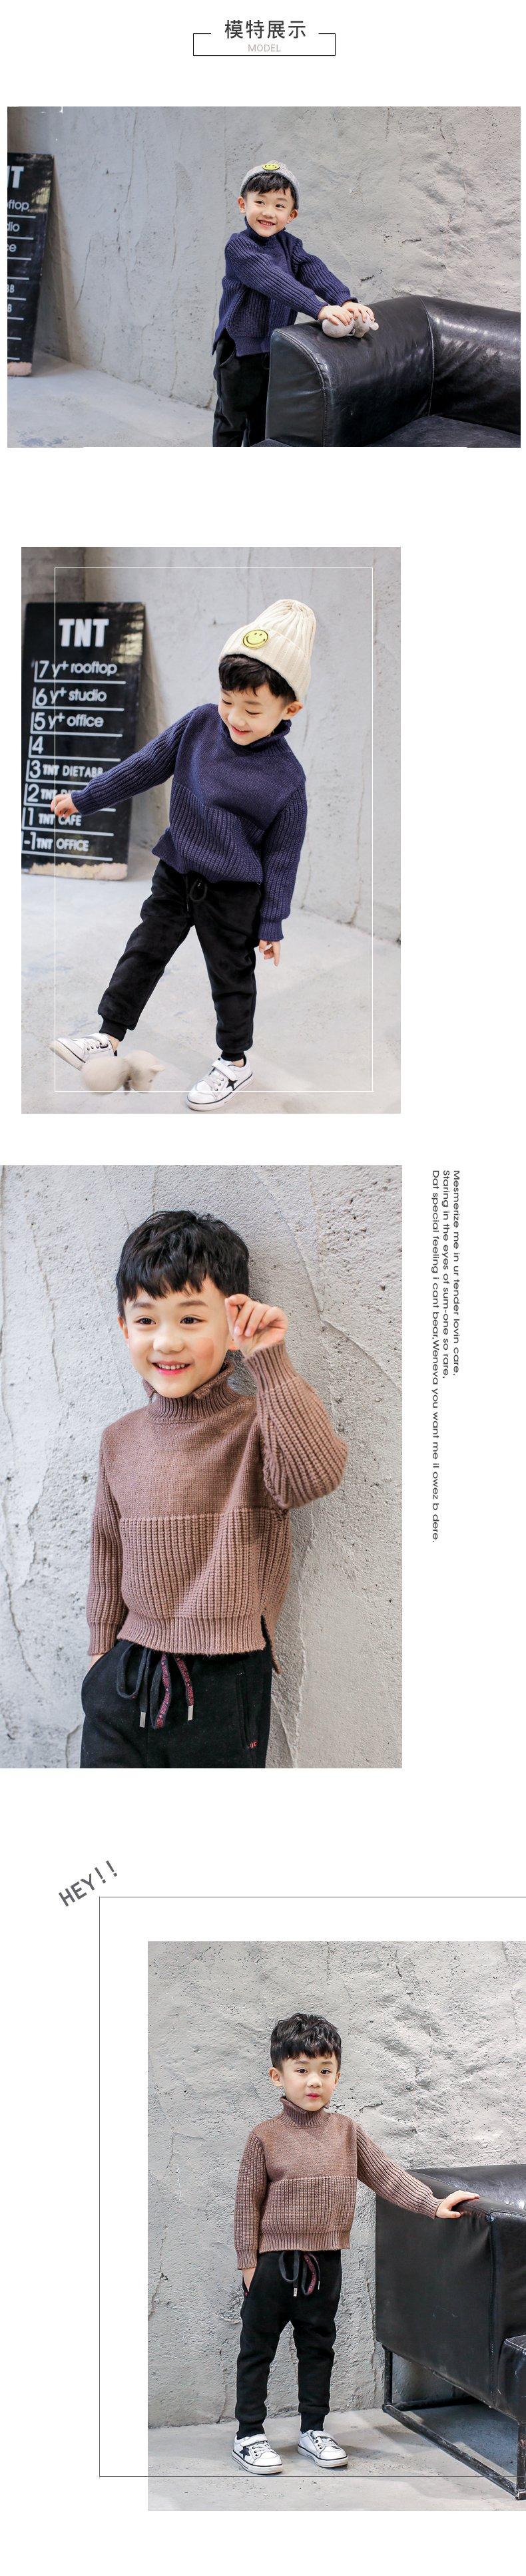 时尚儿童毛衣款式